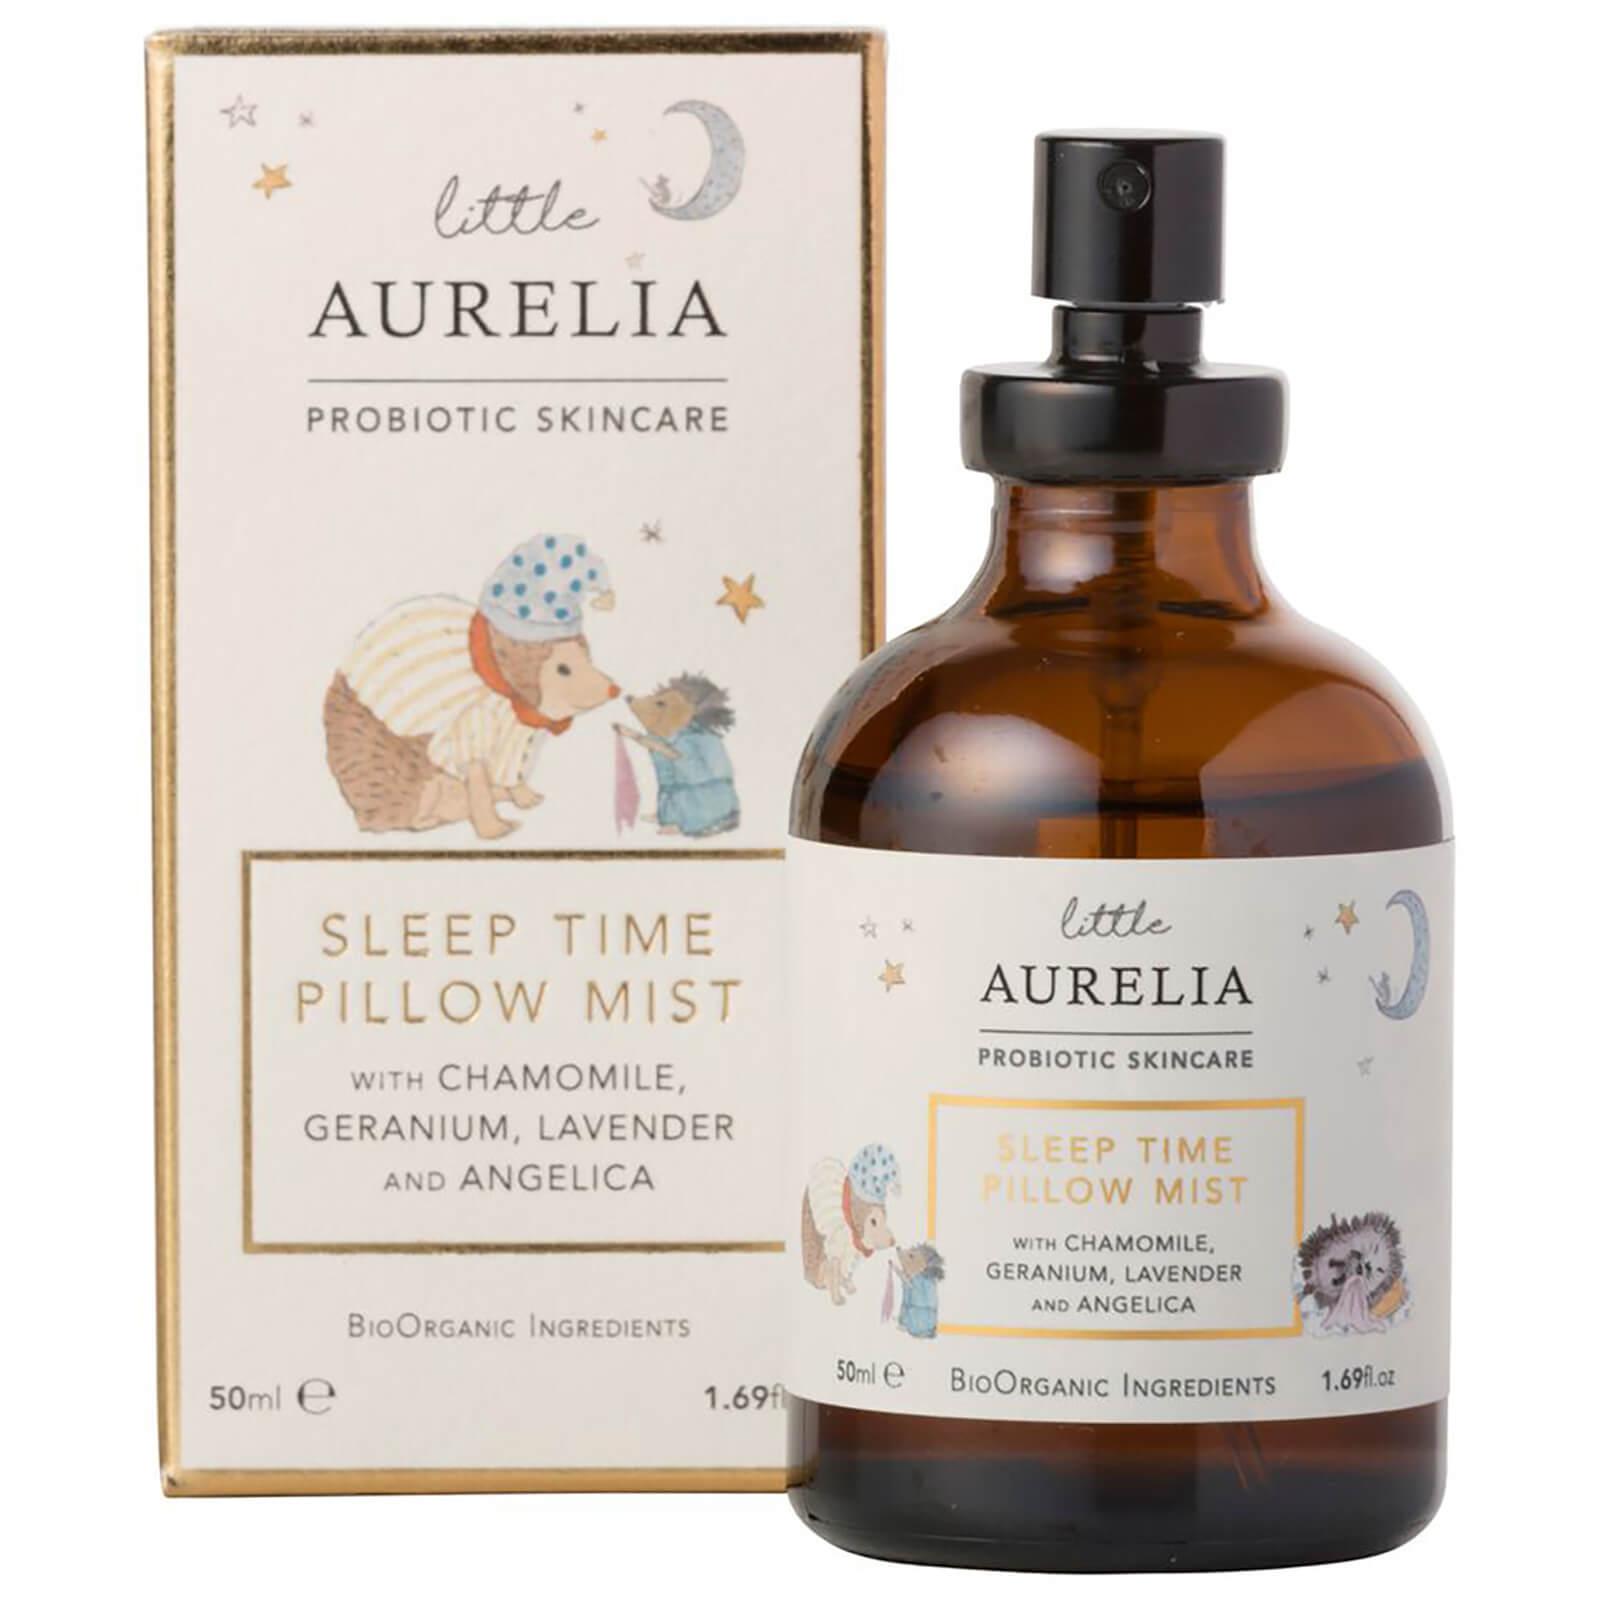 Aurelia Probiotic Skincare Little Aurelia from Aurelia Probiotic Skincare Sleep Time Pillow Mist 50ml